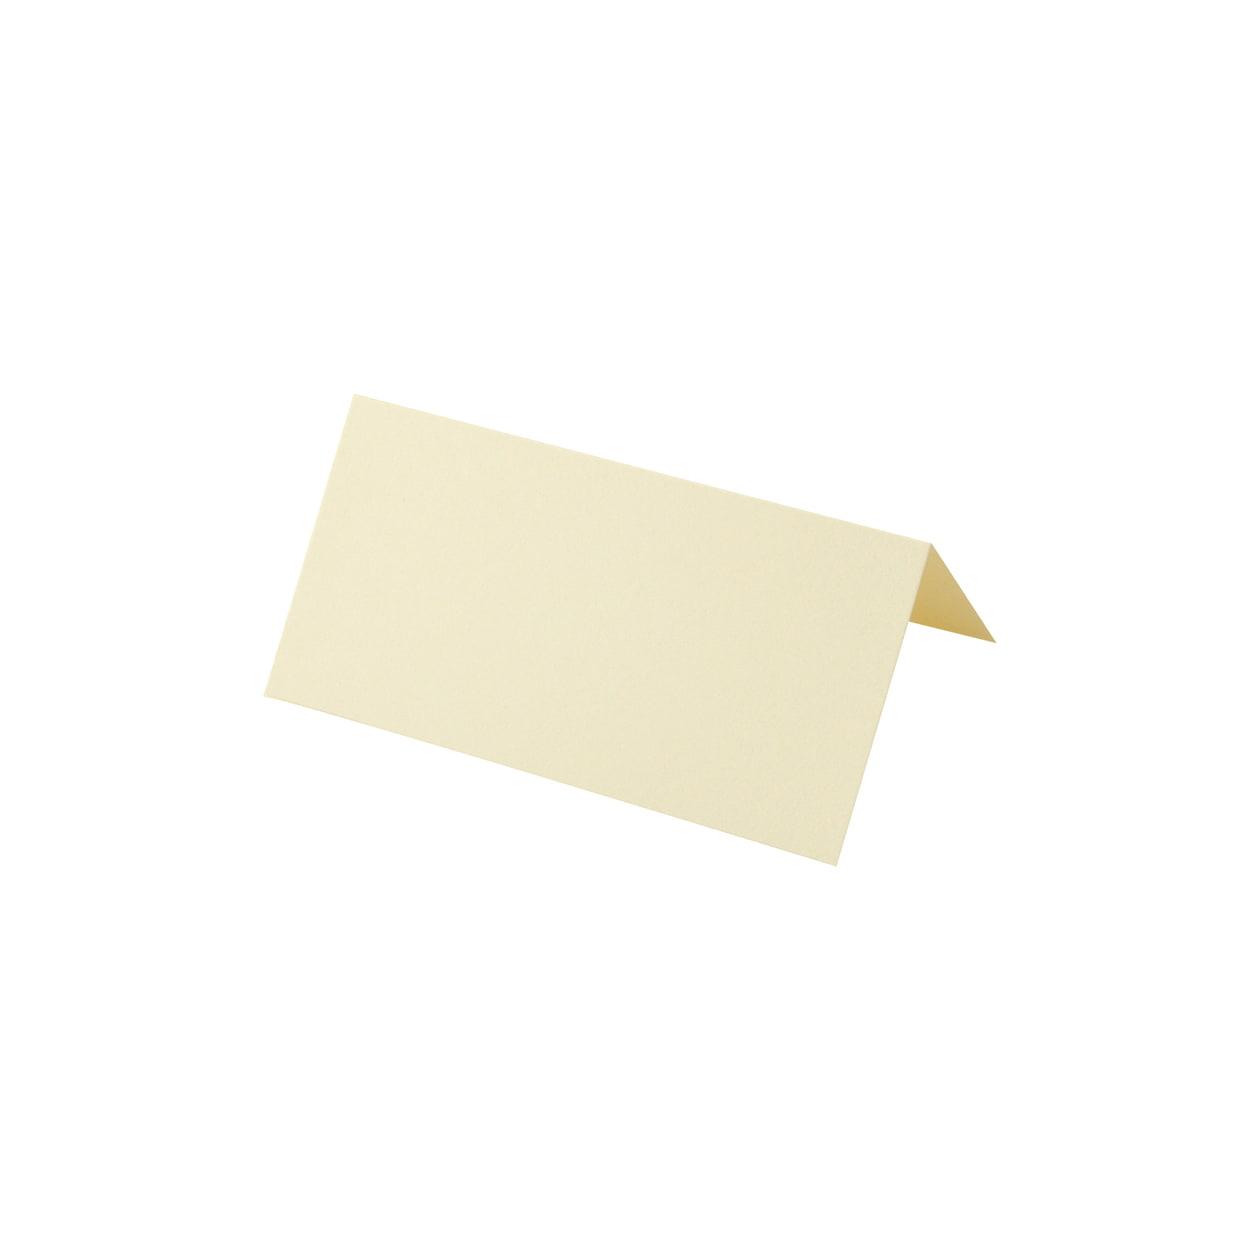 #29Vカード コットン ナチュラル 232.8g